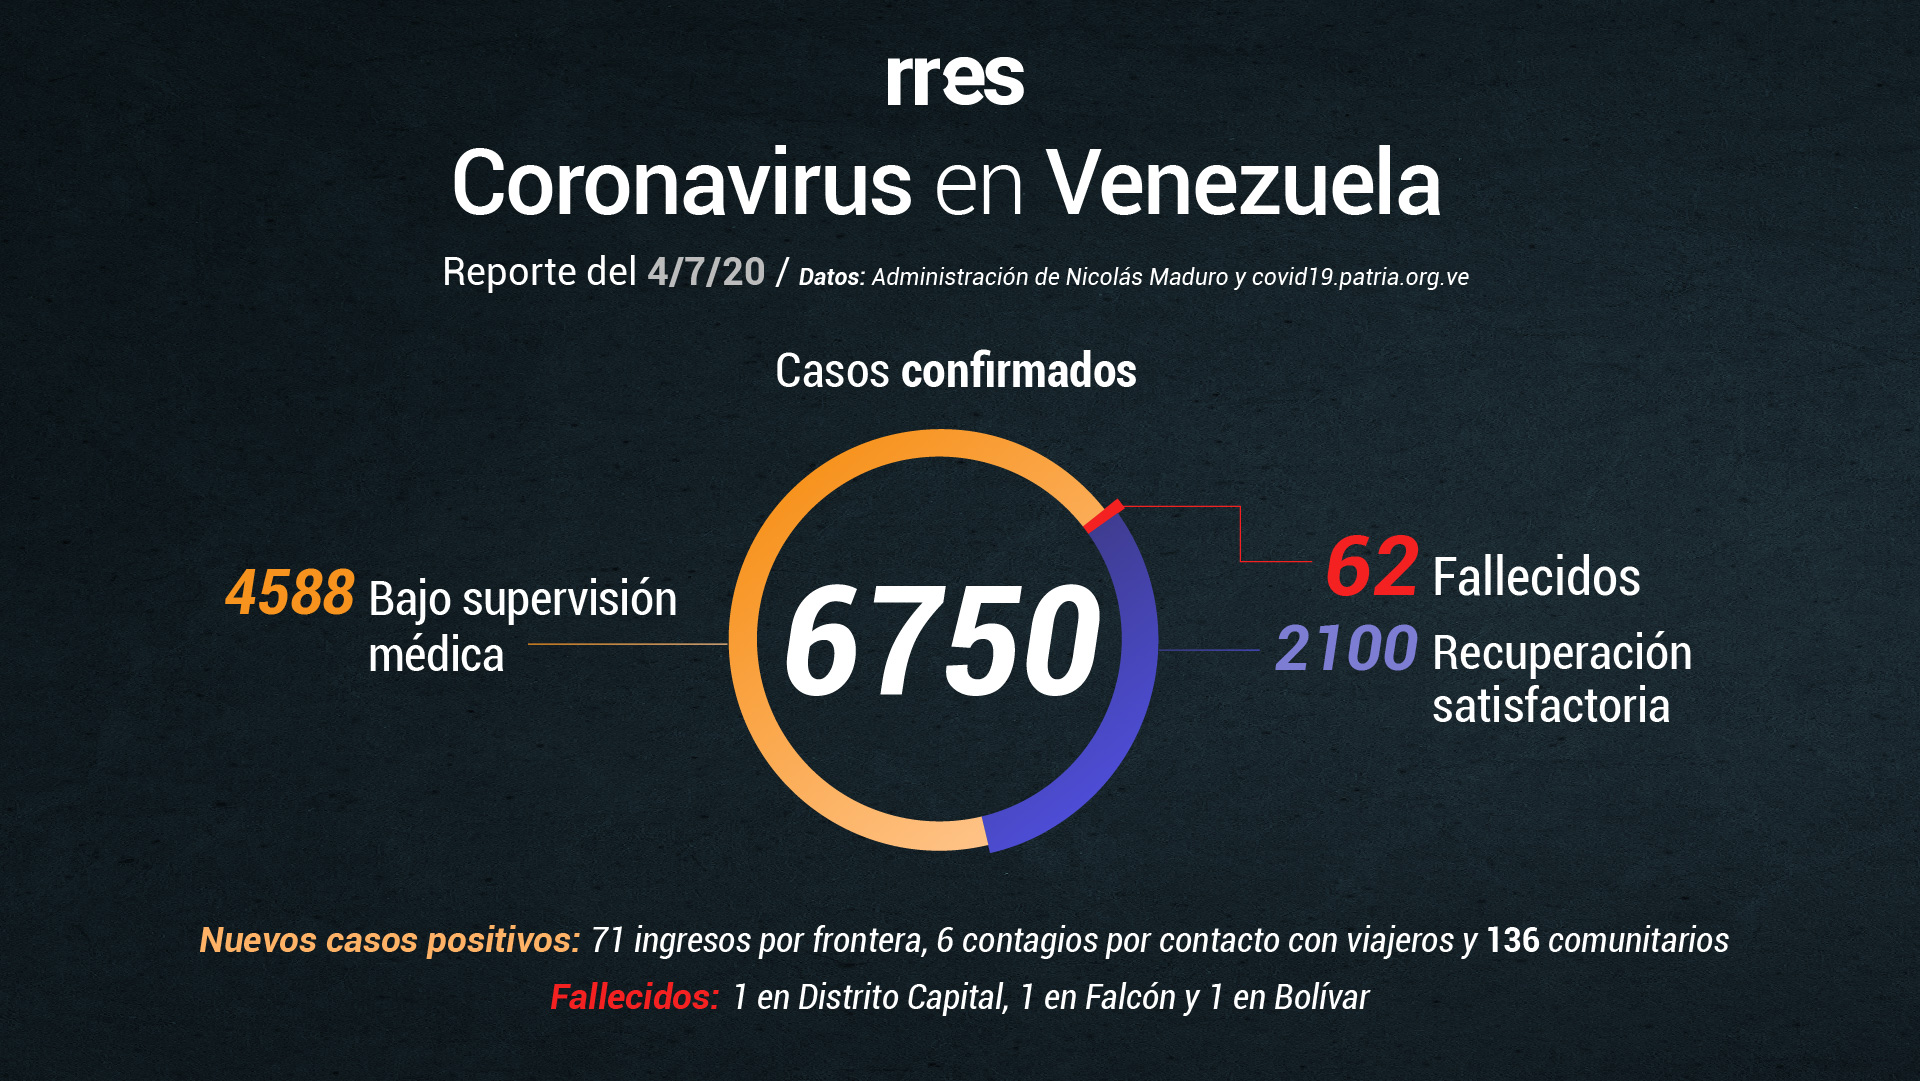 918 casos de covid-19 en Venezuela en lo que va de julio